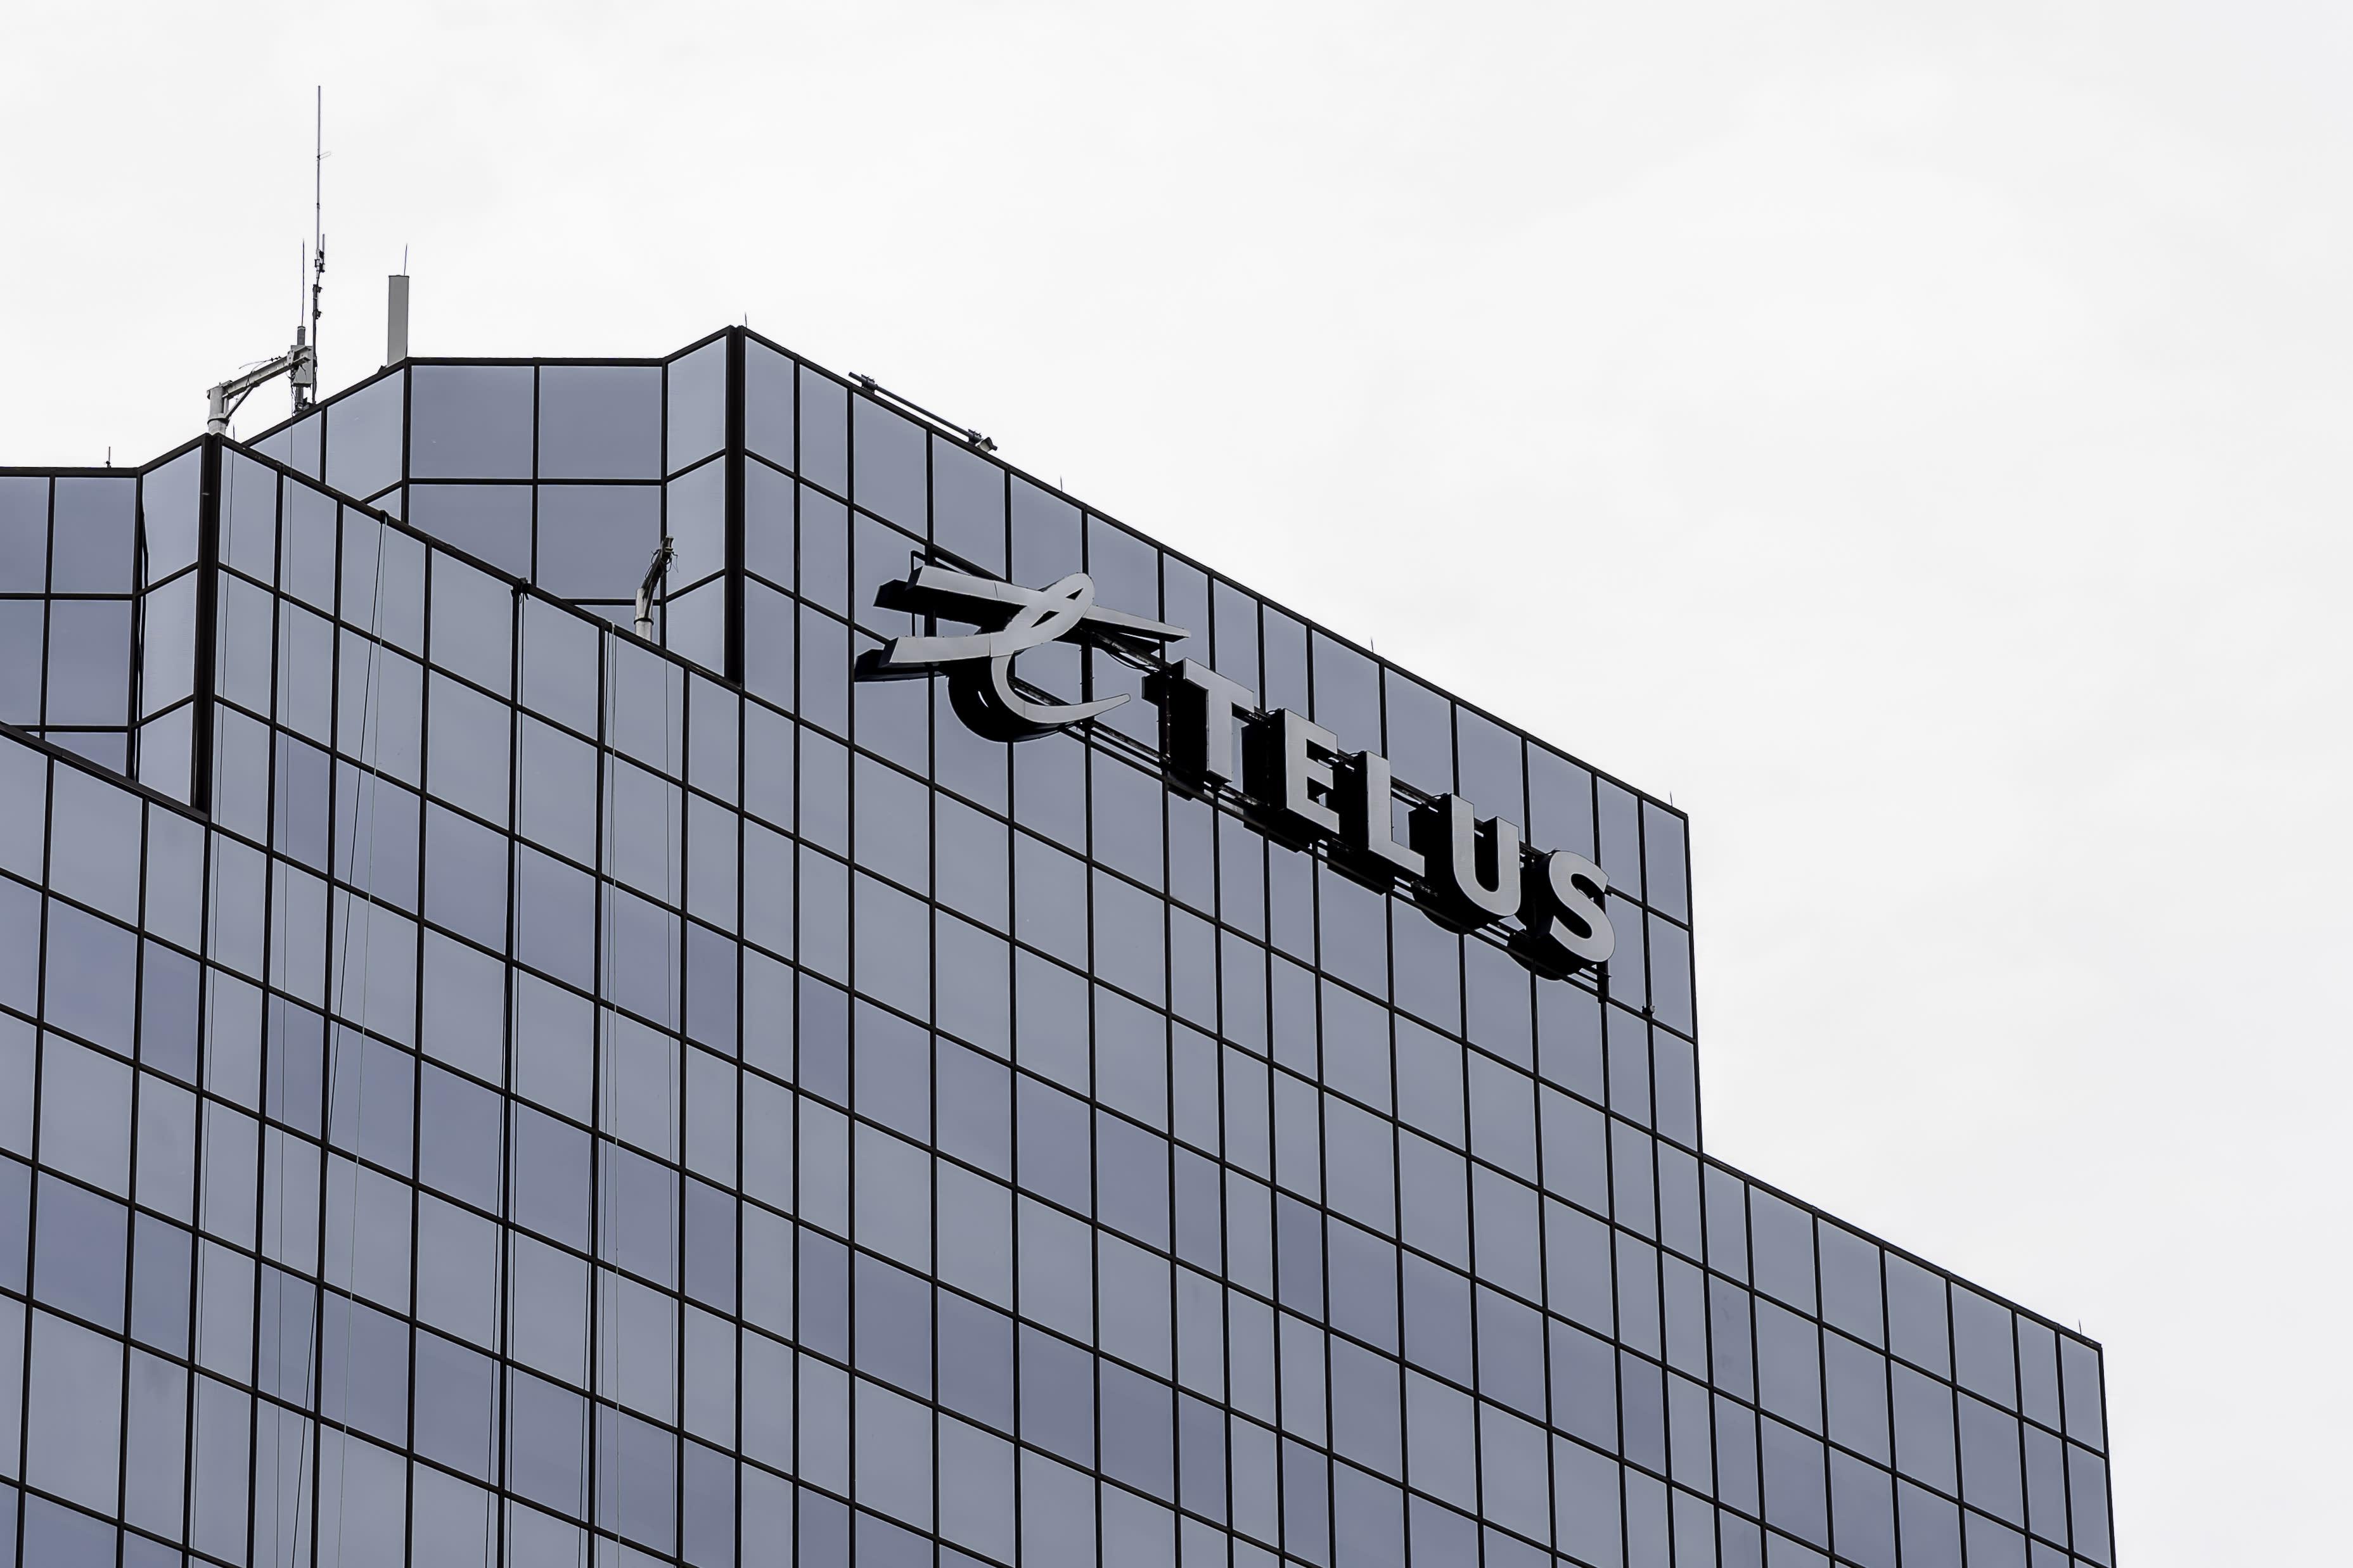 Telus selects Nokia, Ericsson as 5G suppliers